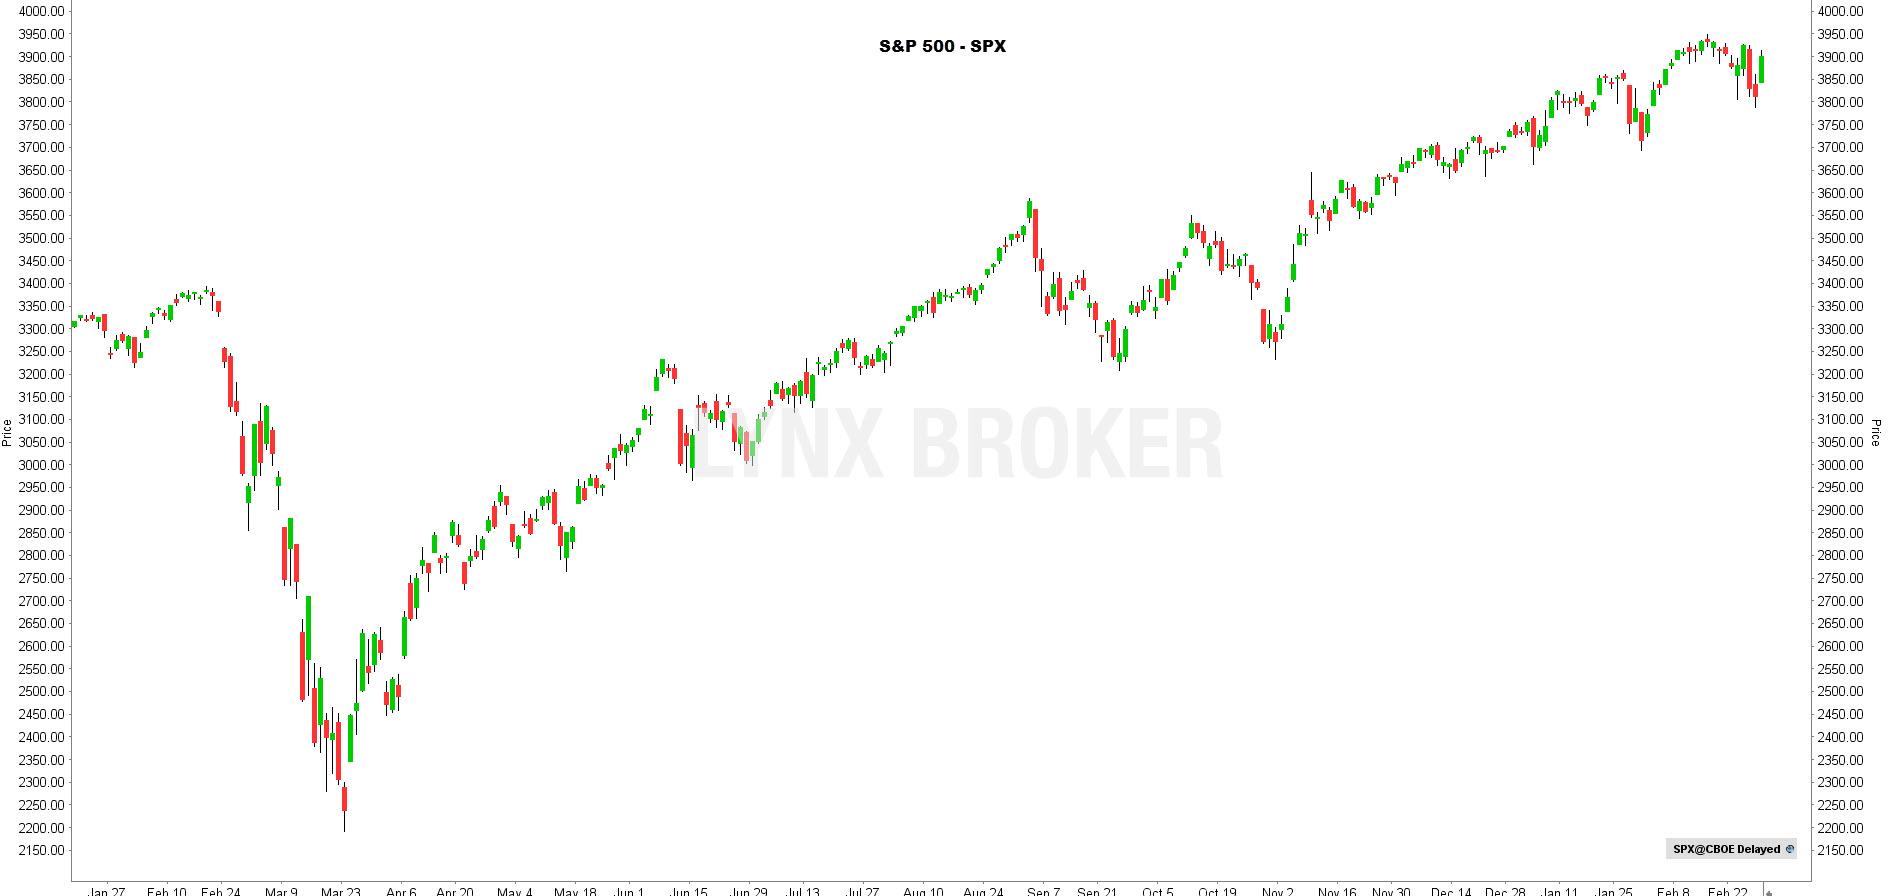 la chronique lynx broker 020321 - graphique SPX